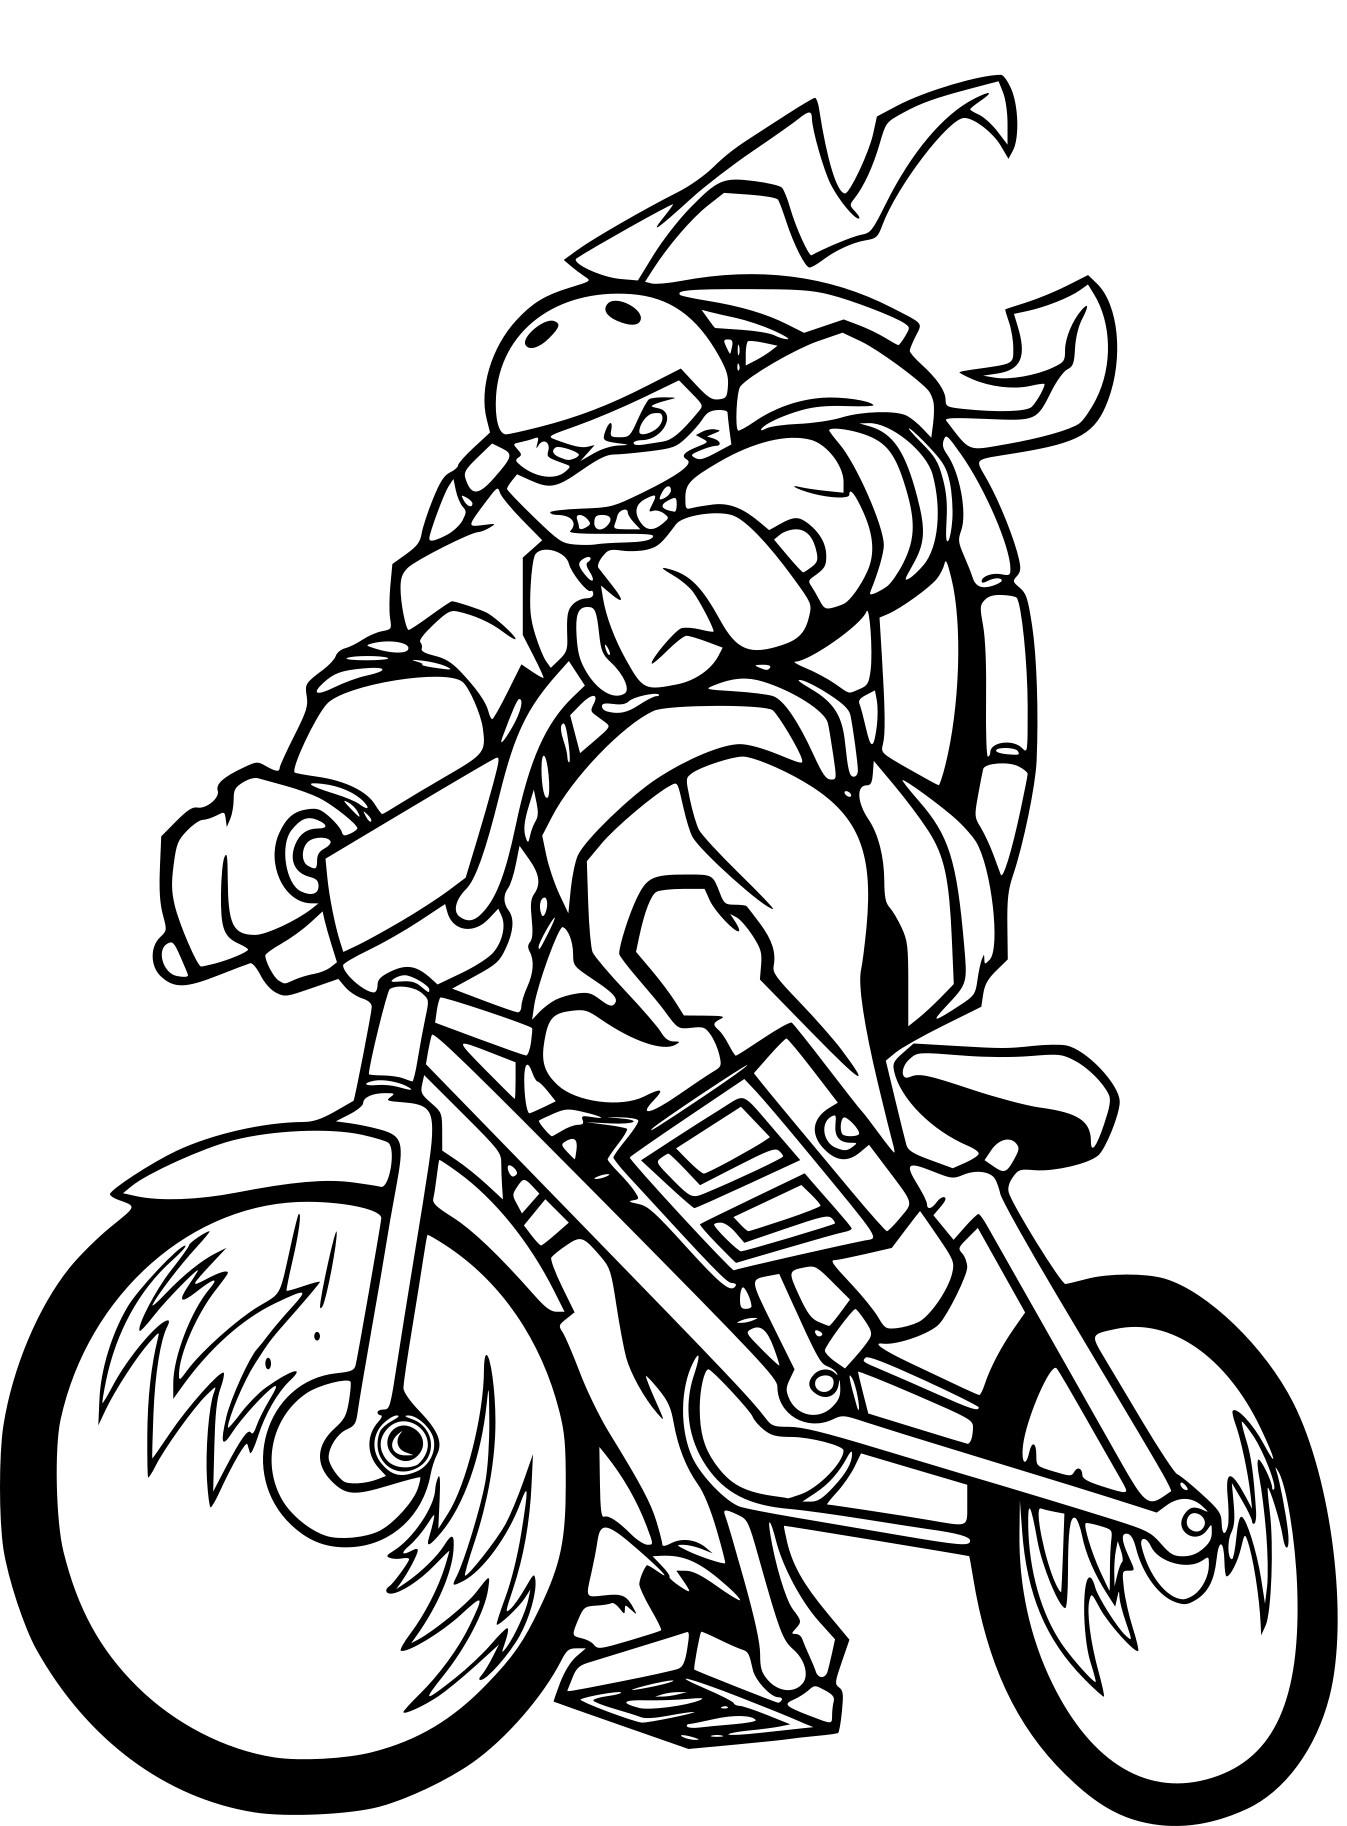 Coloriage Tortue Ninja En Moto A Imprimer Sur Coloriages Info